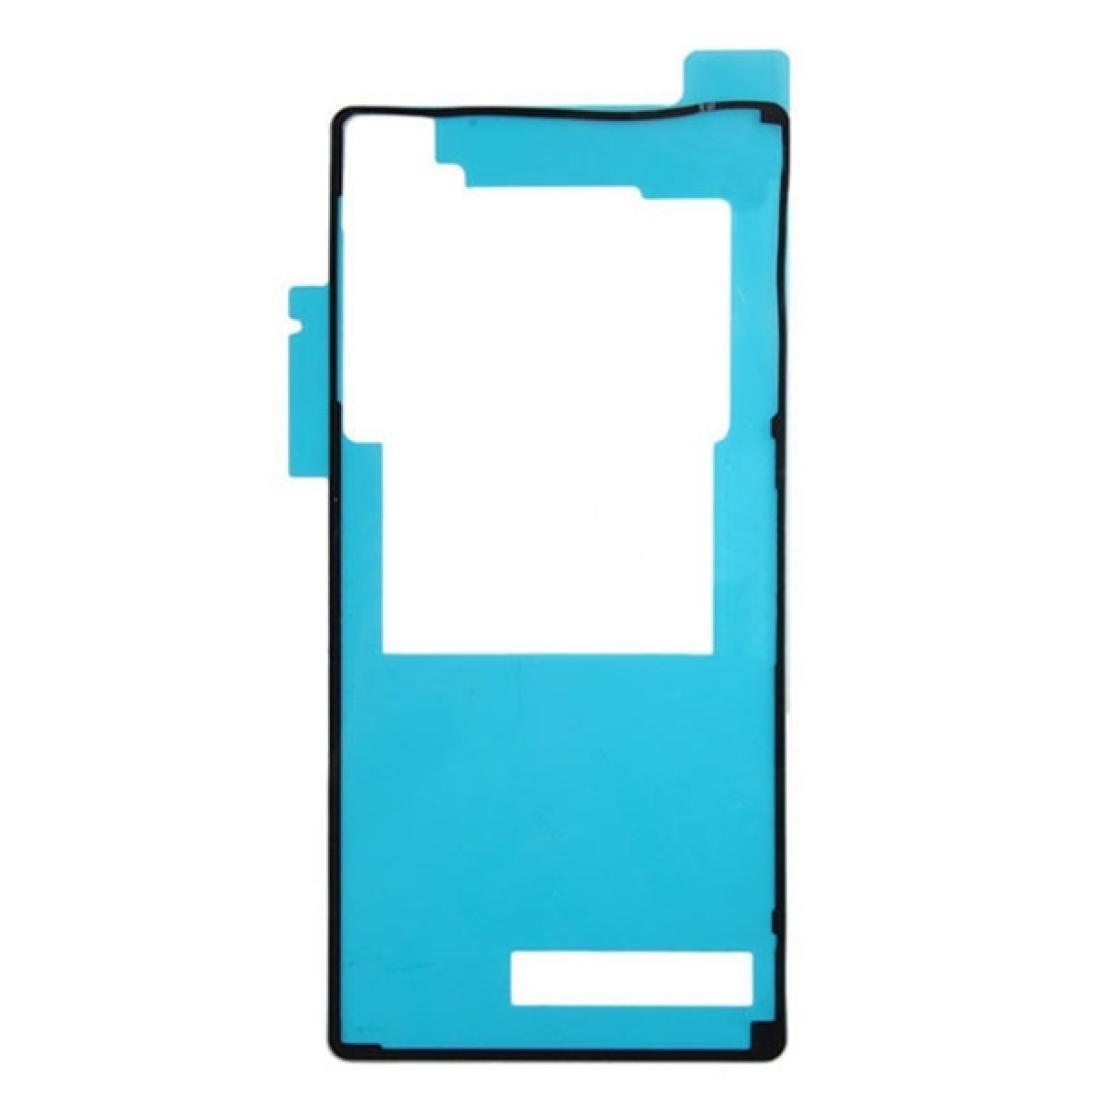 Pegatina de adhesivo de cubierta trasera de la batería para Sony Xperia Z3 D6603 D6653